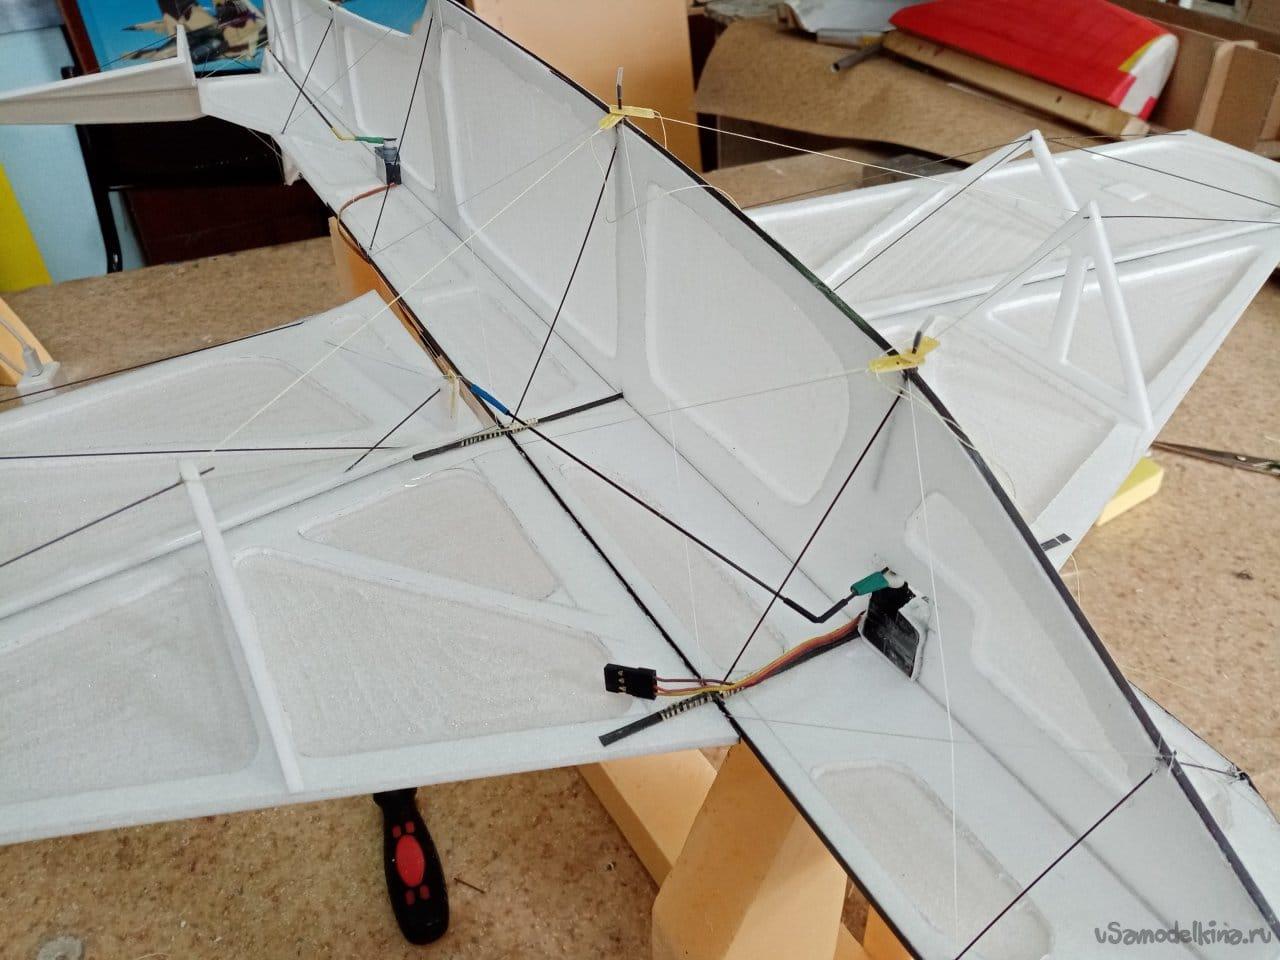 Самолет типа 230 для зального комплекса F3P